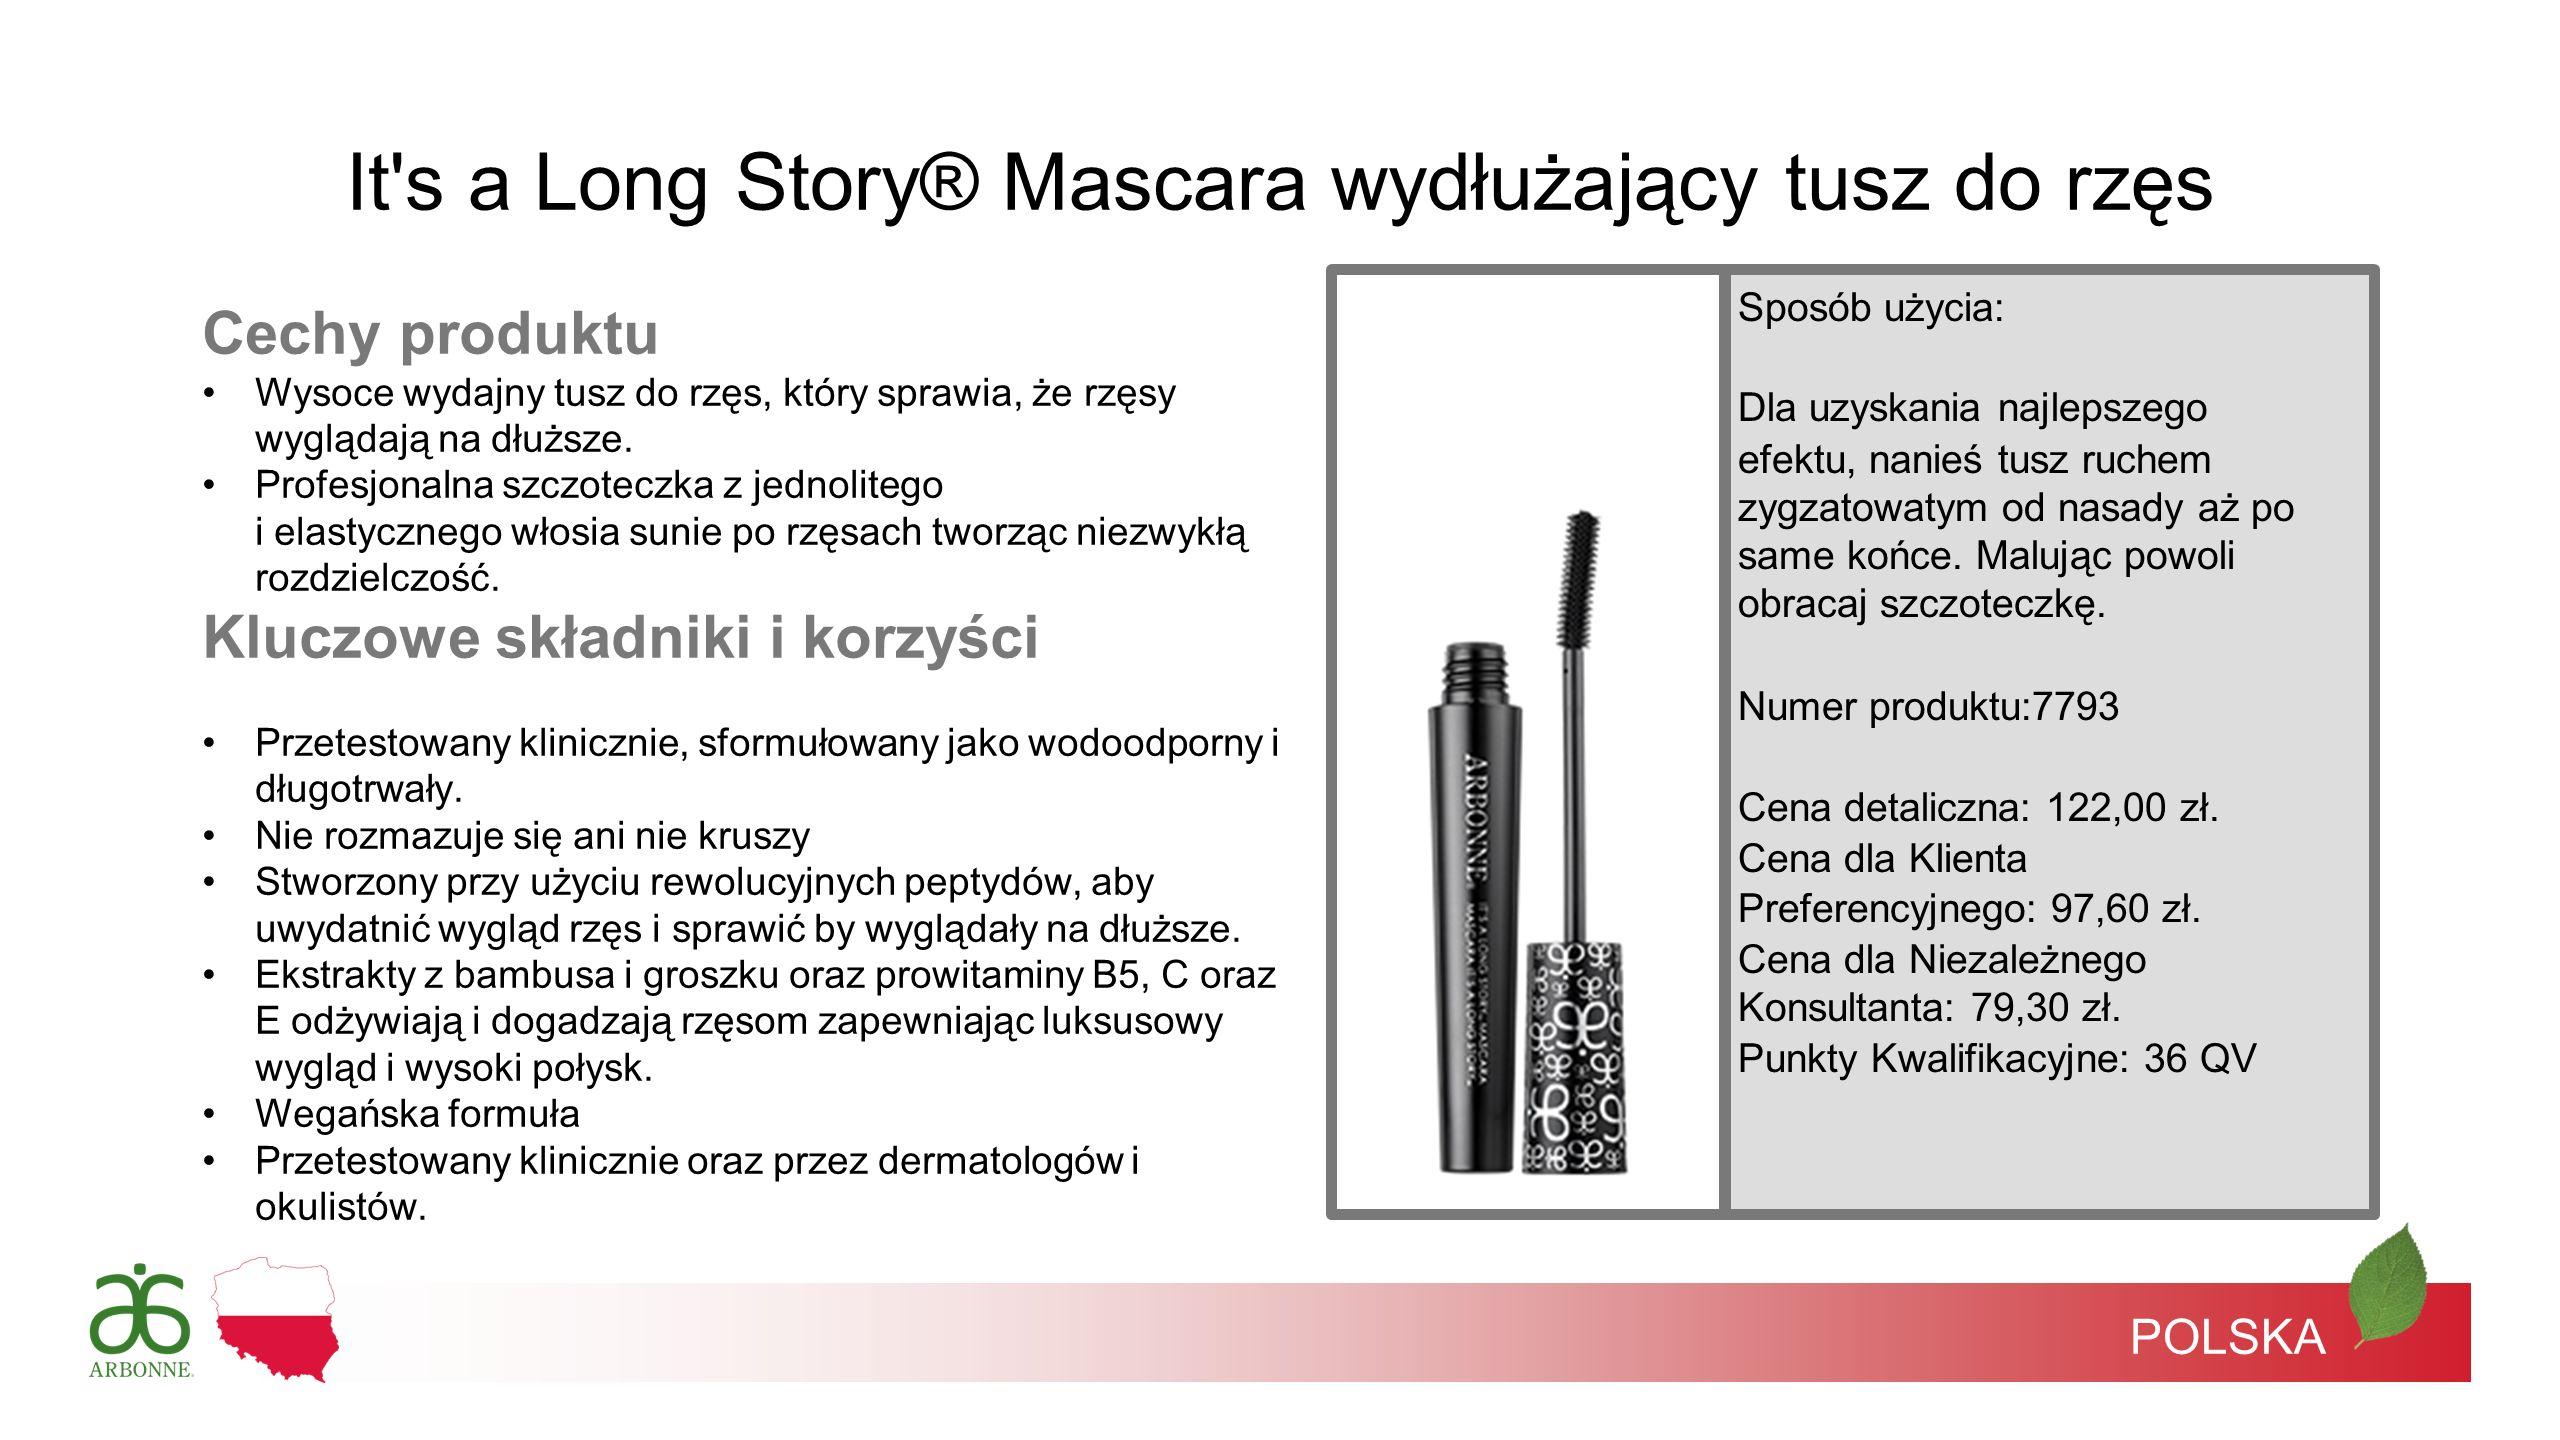 It s a Long Story® Mascara wydłużający tusz do rzęs